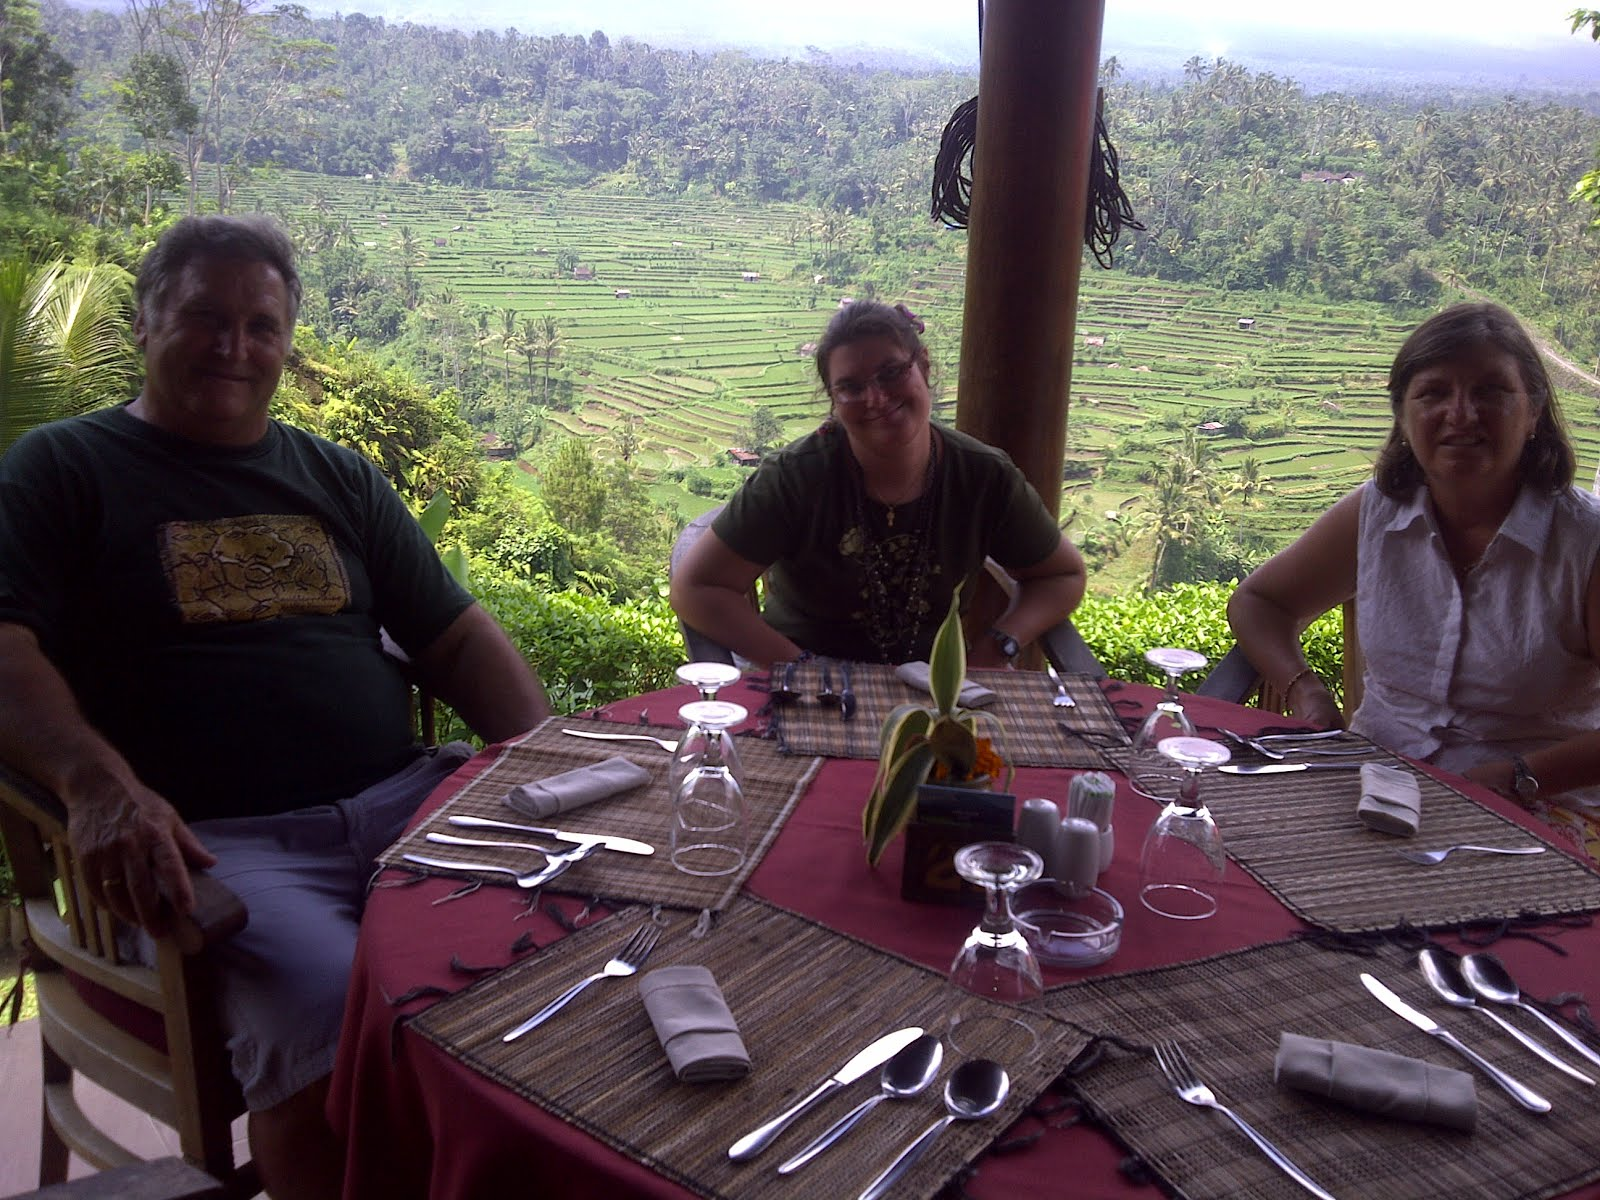 restaurante Mahagiri,arrozales de Jatiluwih, Bali, vuelta al mundo, round the world, La vuelta al mundo de Asun y Ricardo